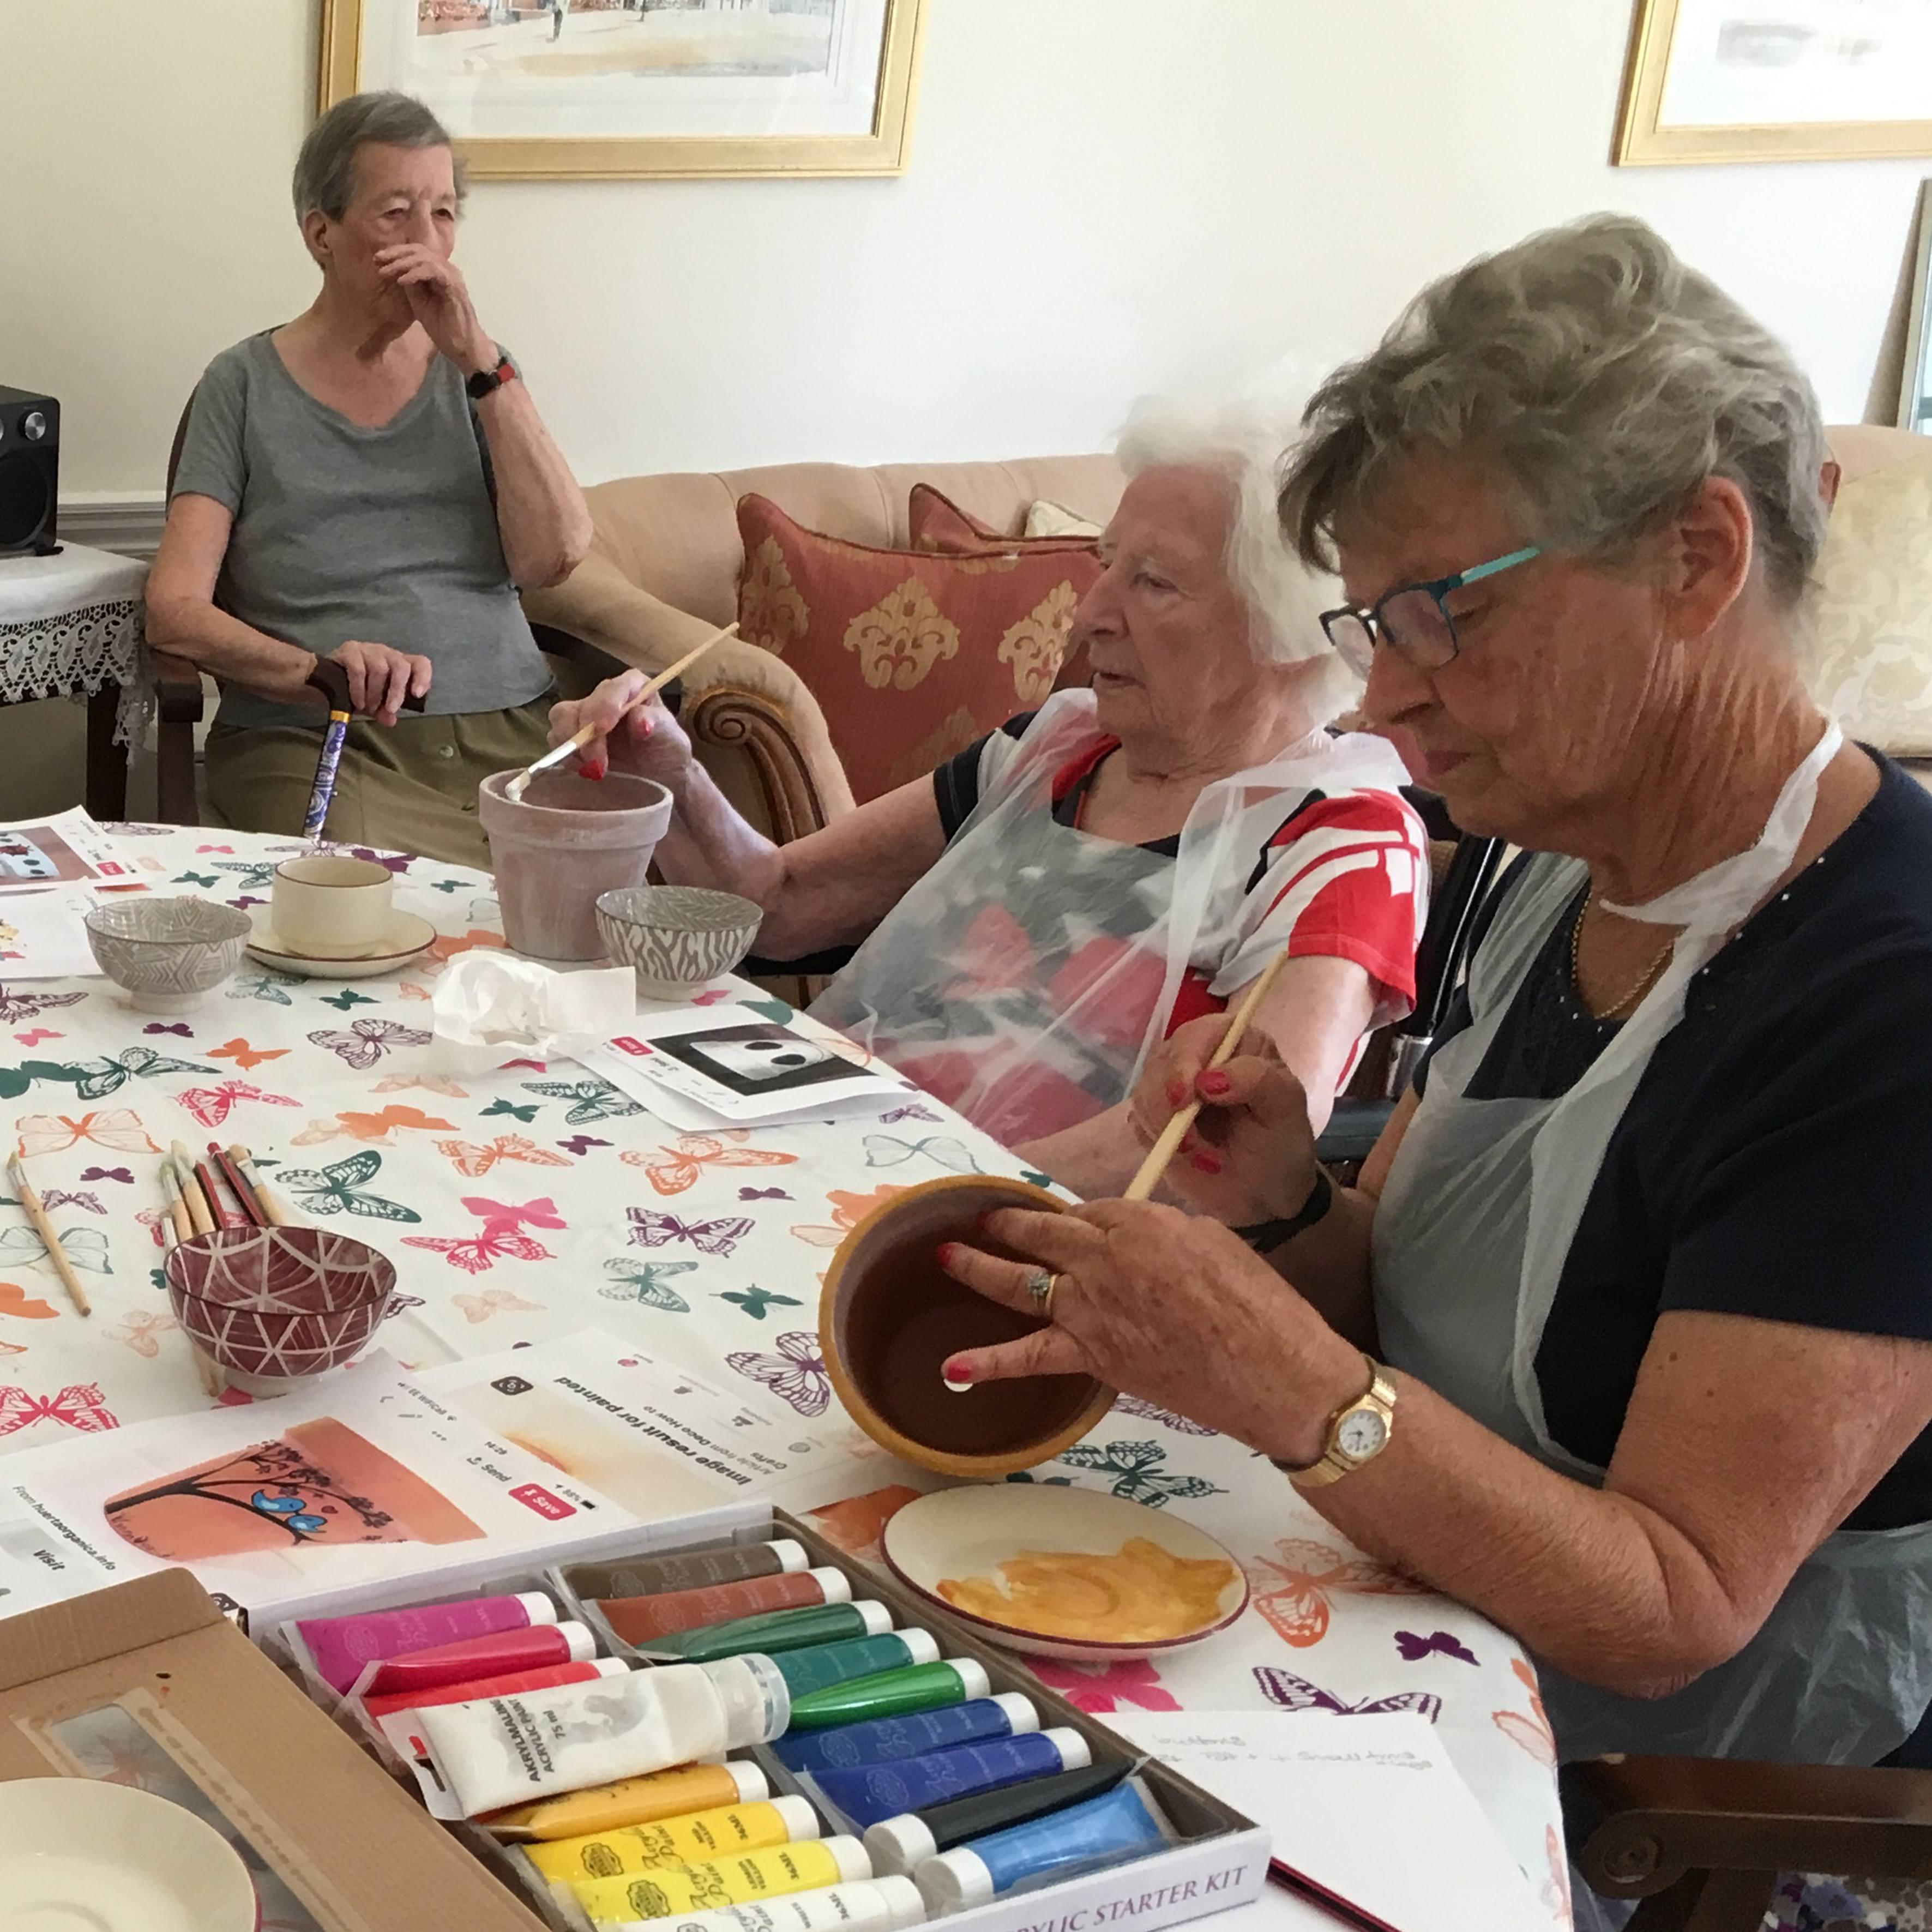 Painting pots at Blackbrook House